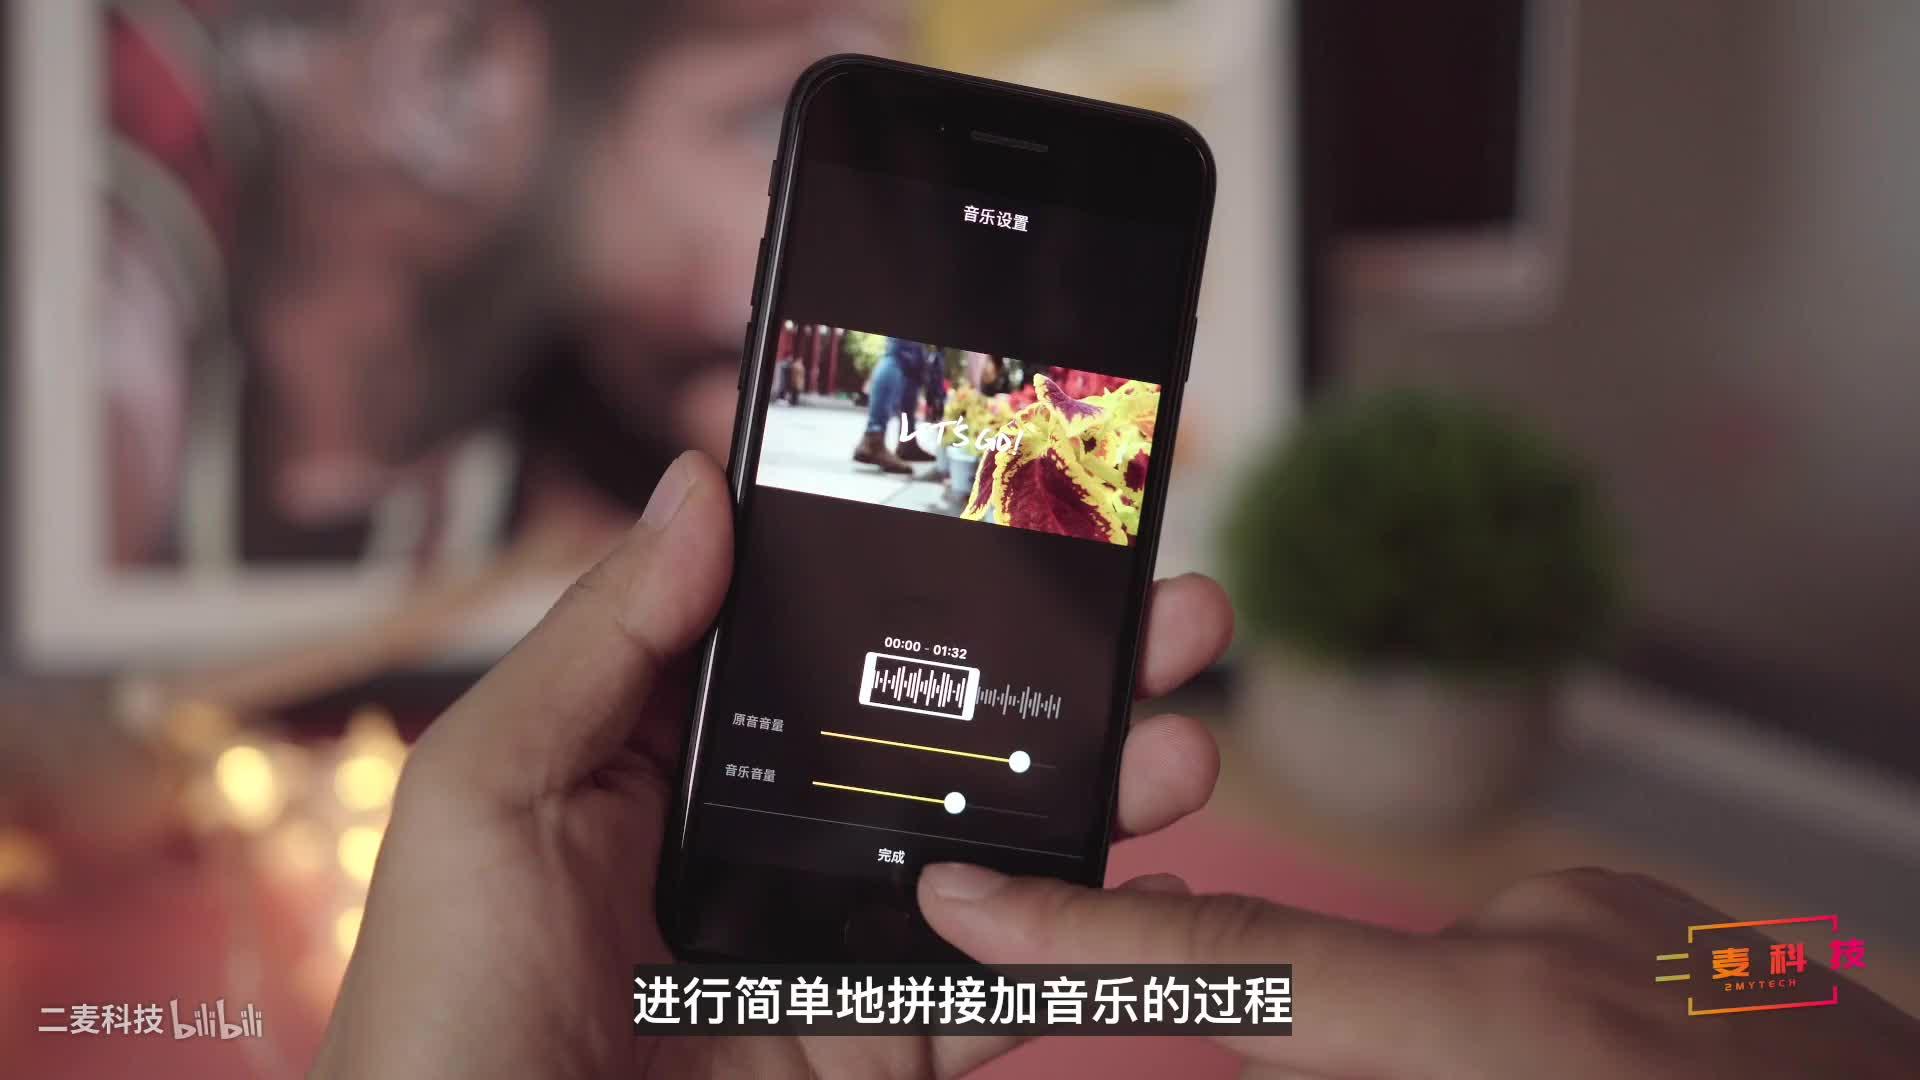 手机拍出的延时视频如何剪辑呢?手机摄影之延时视频下期